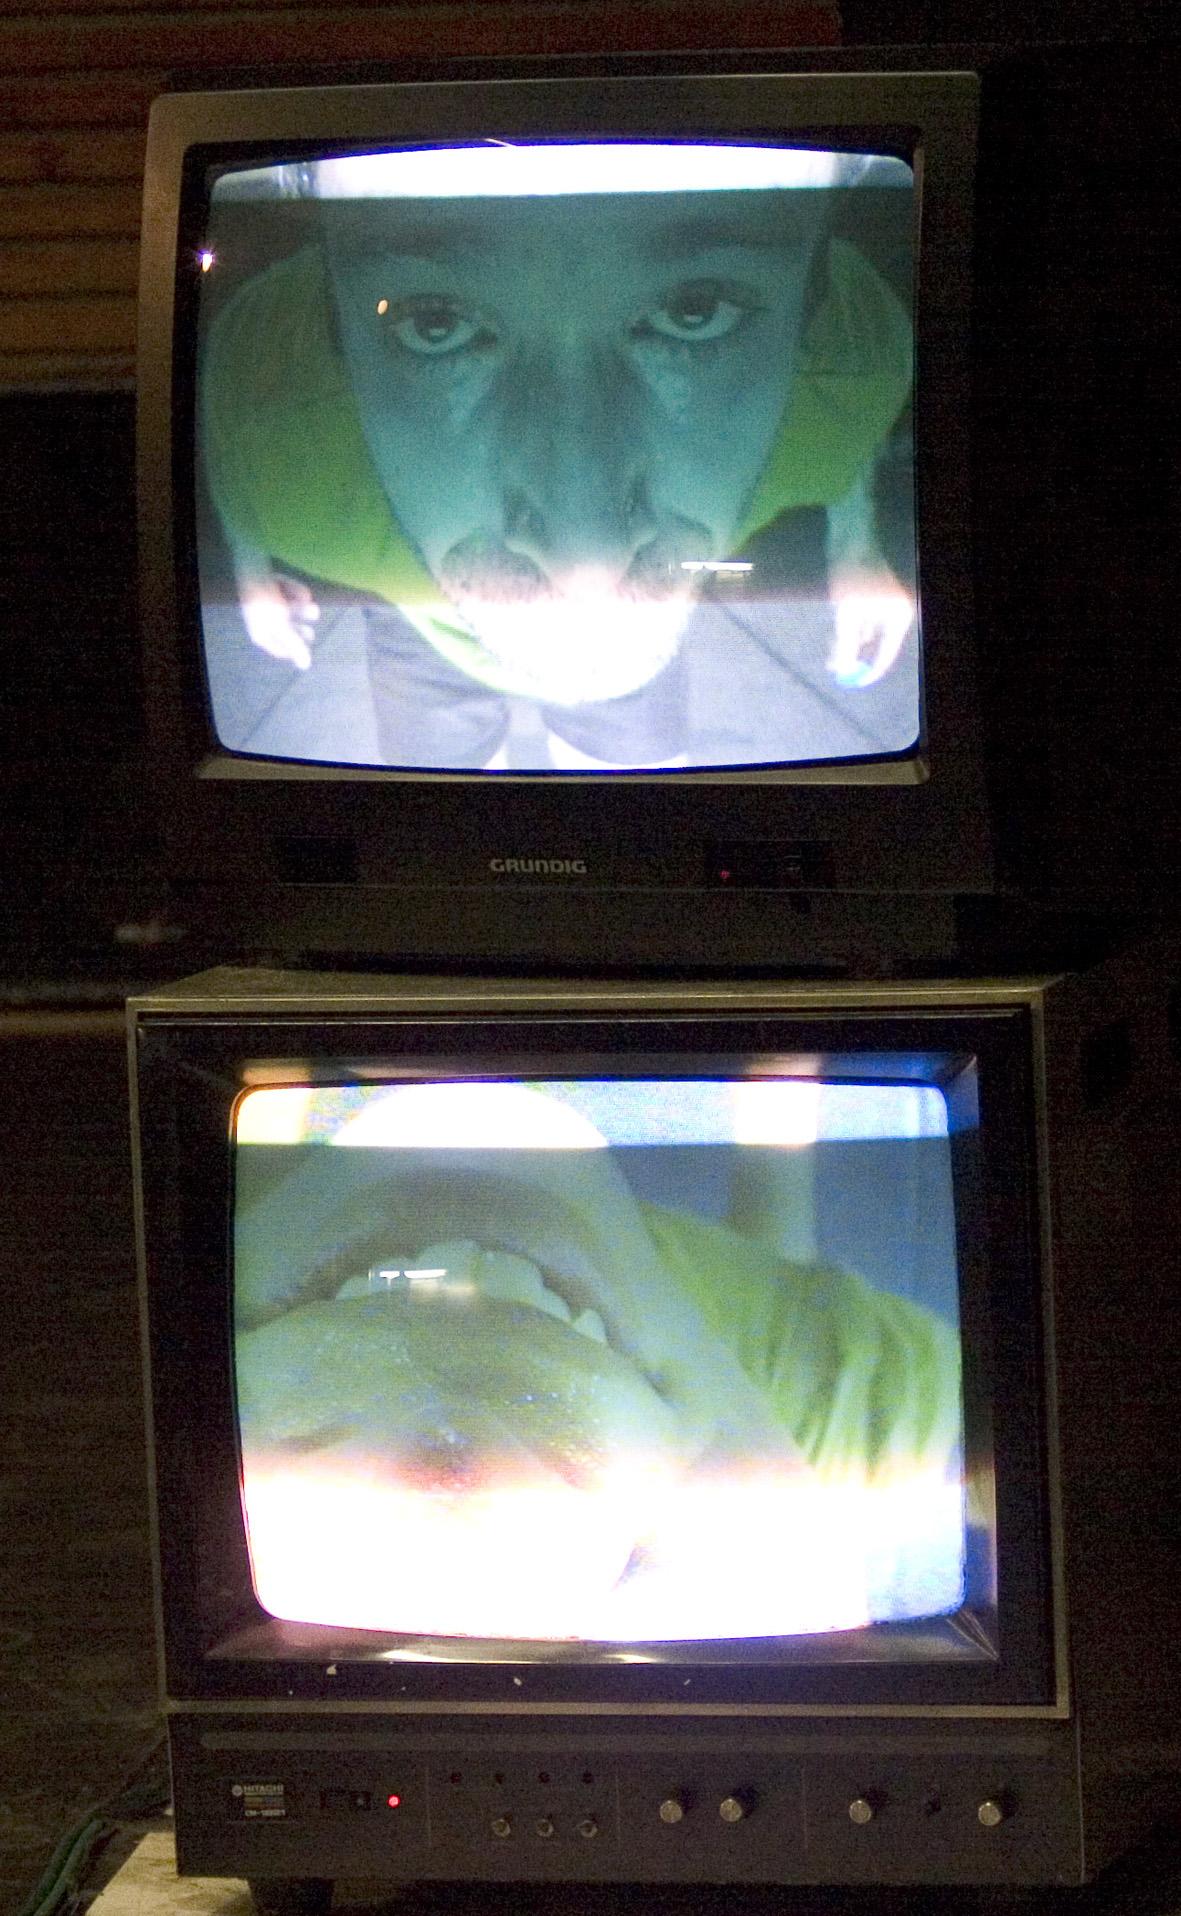 les deux télé